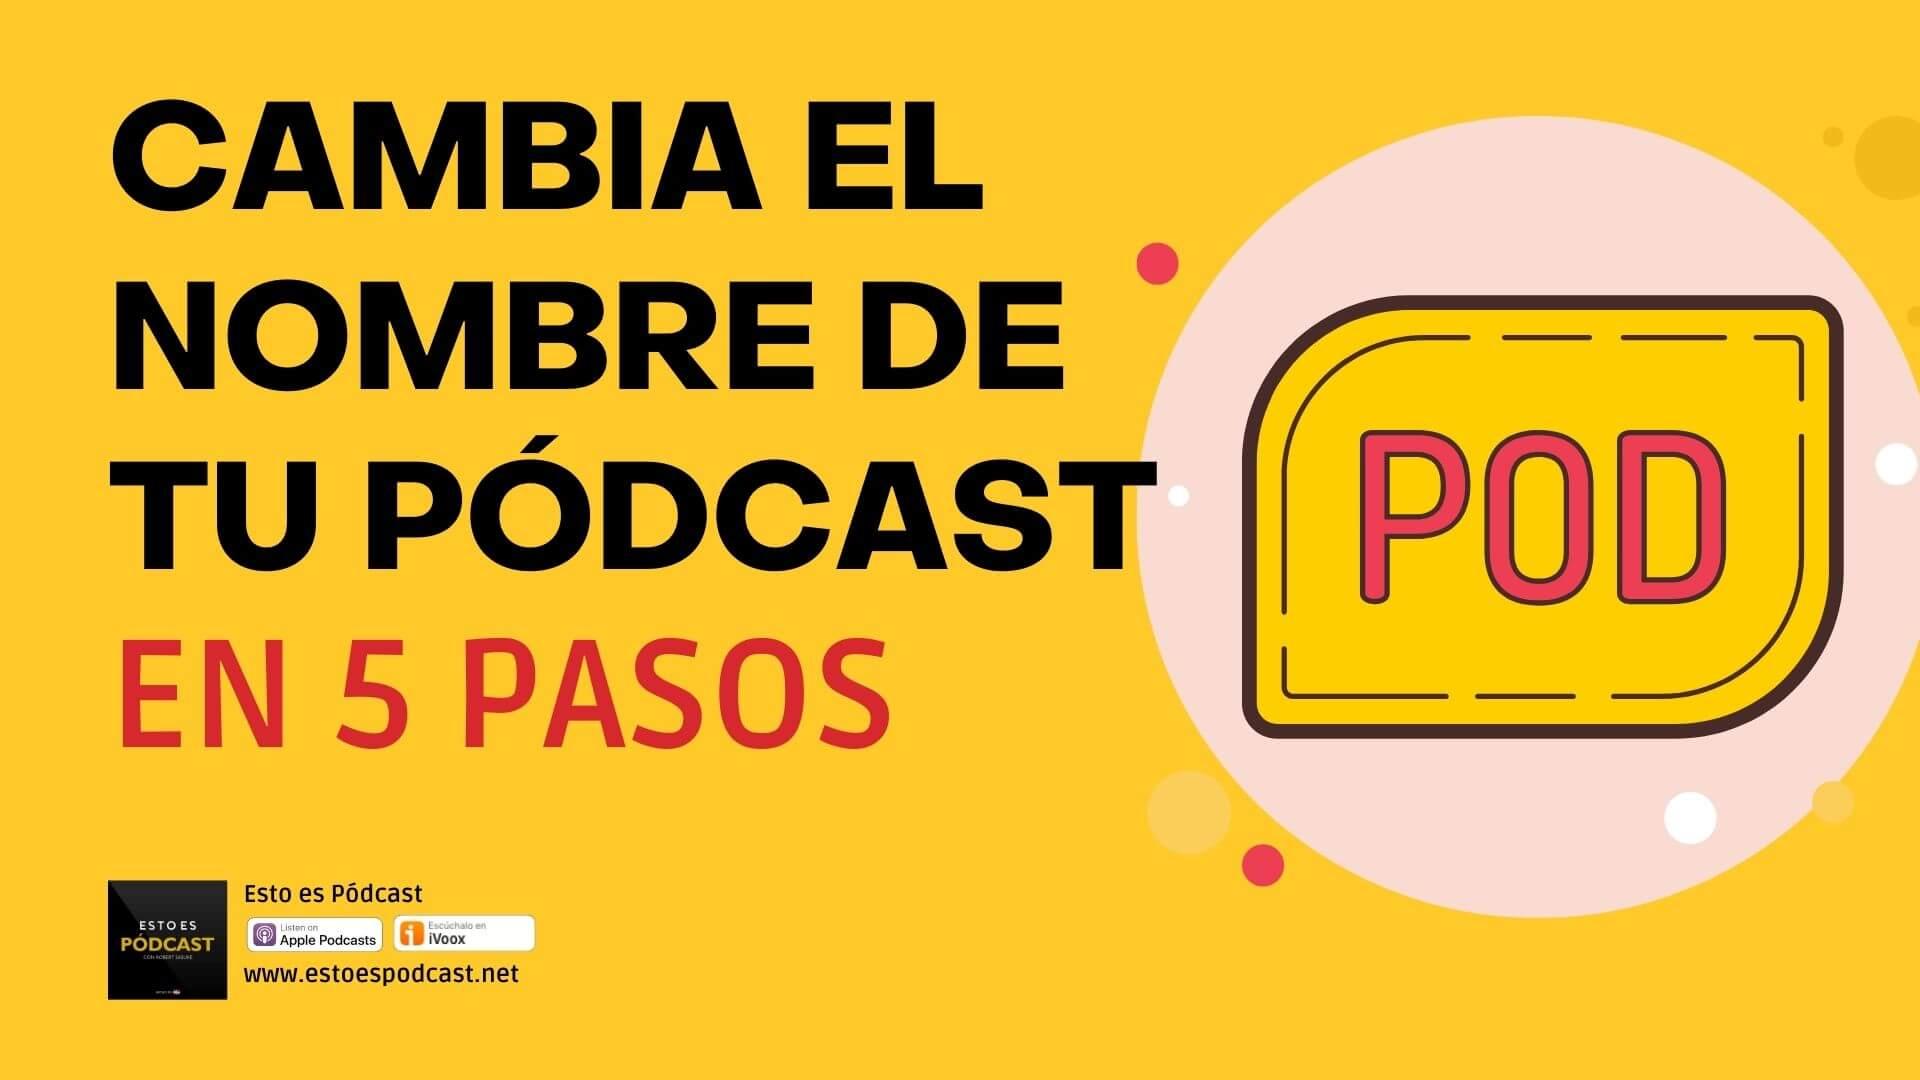 109. ¿Cuáles son los pasos para cambiar el nombre de mi podcast?